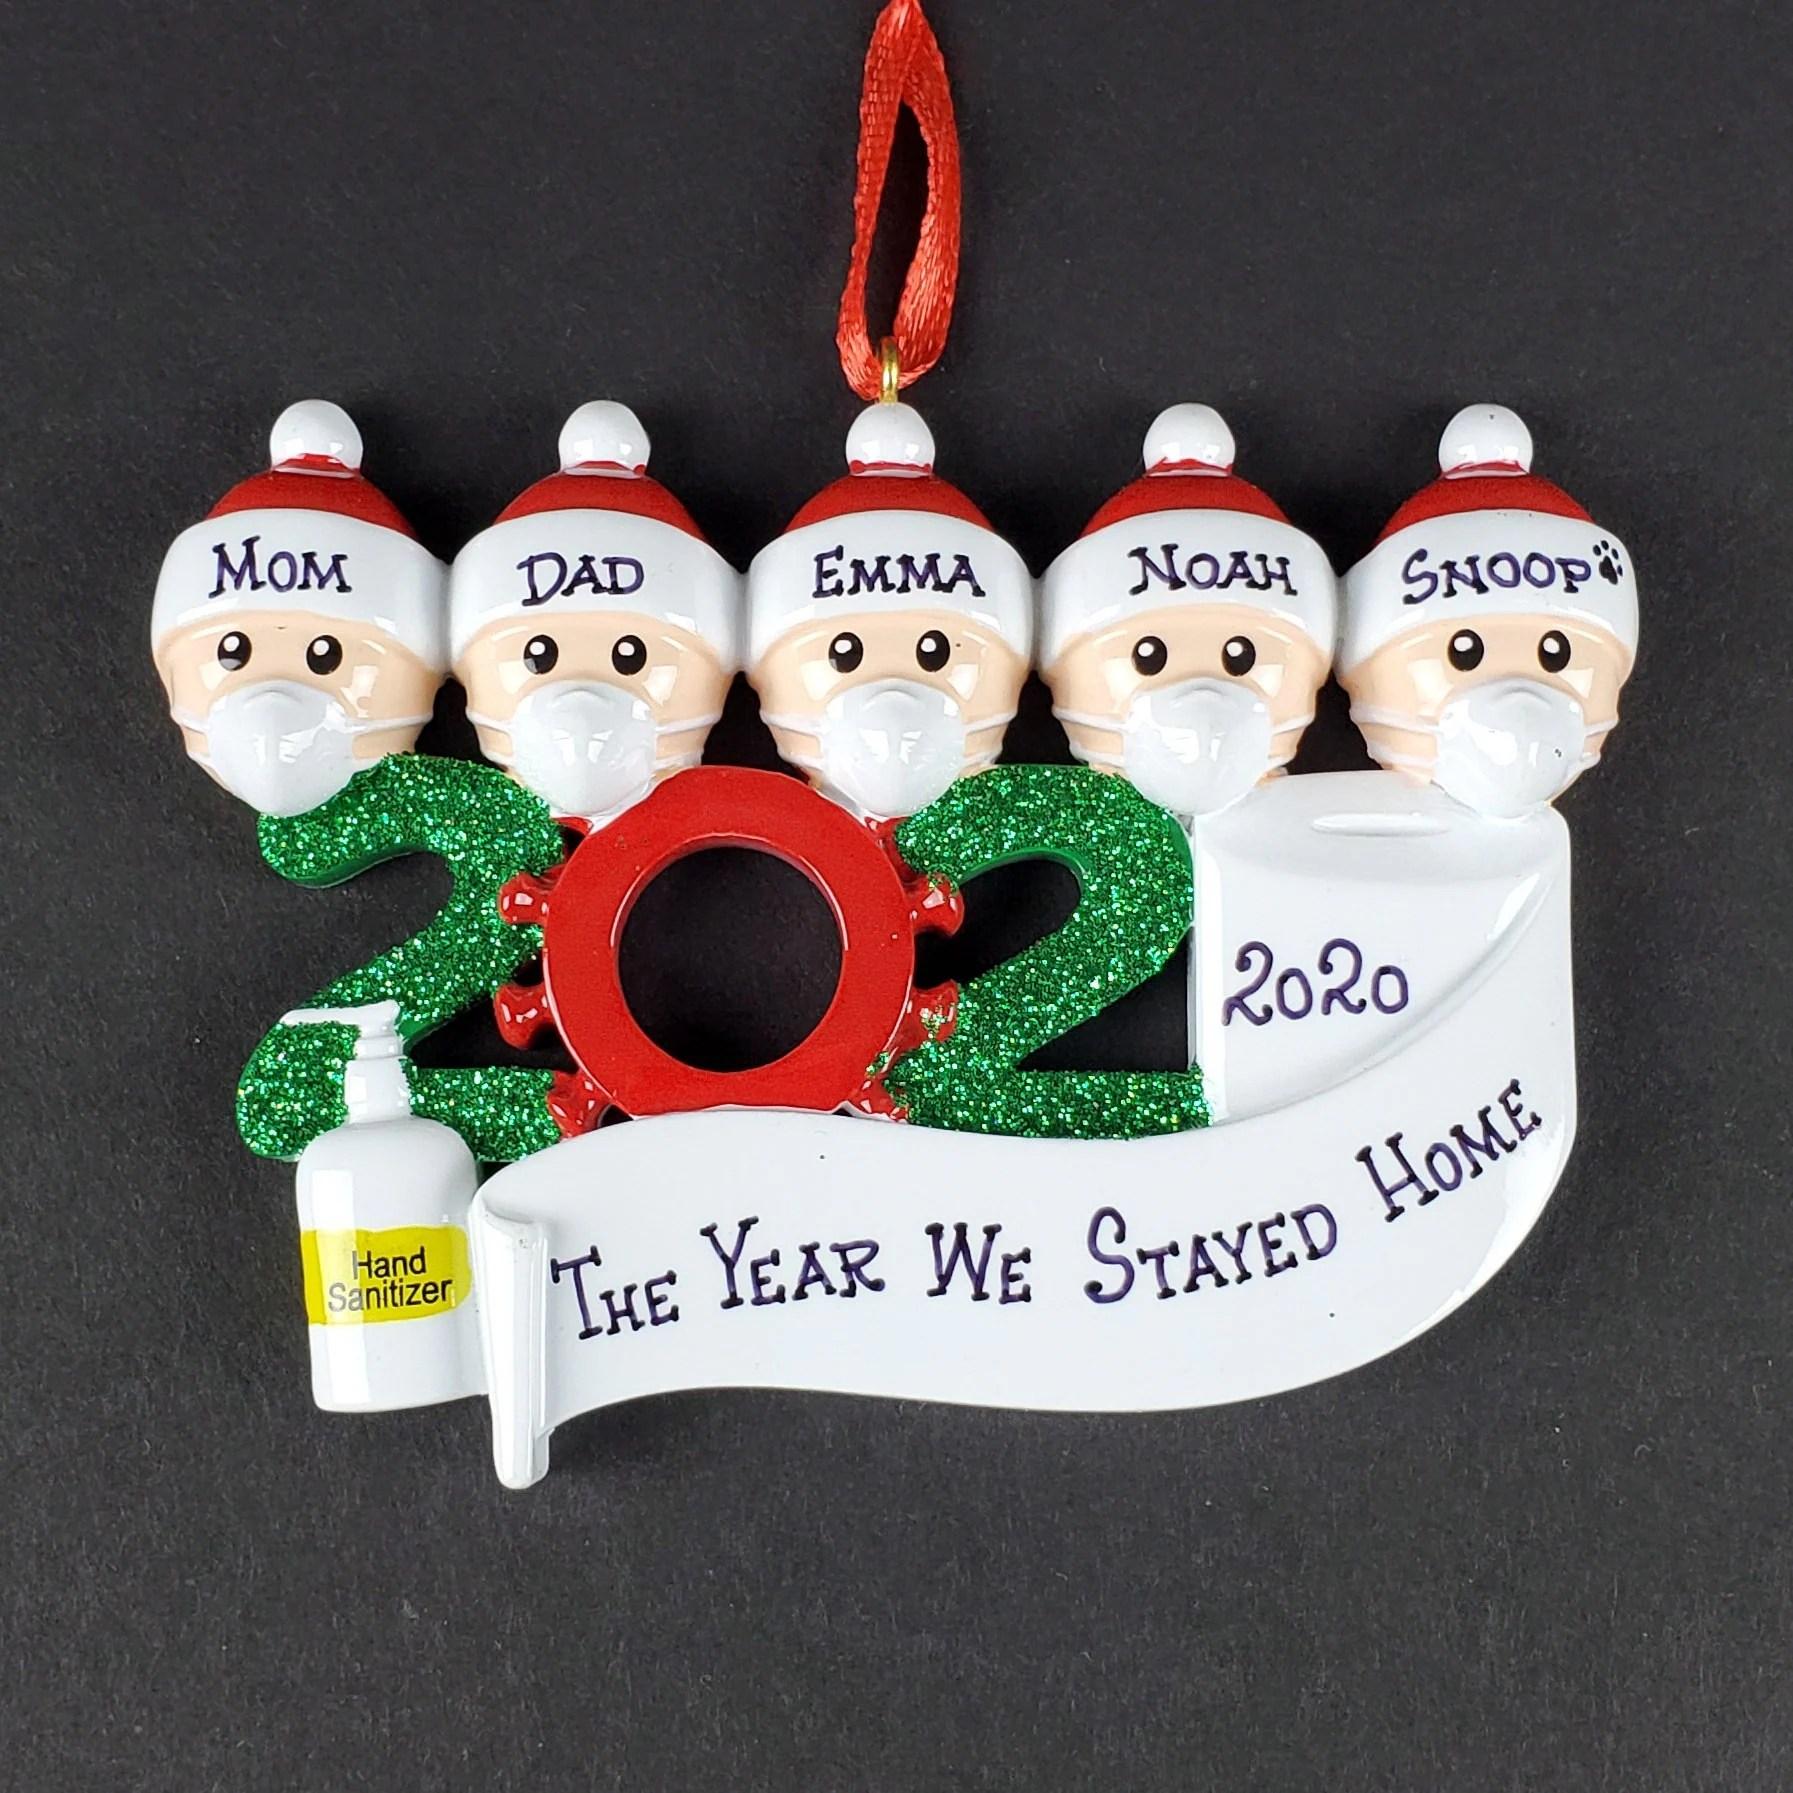 Corona Christmas Ornament 2020 Family Personalized Tree Decor Family of 5